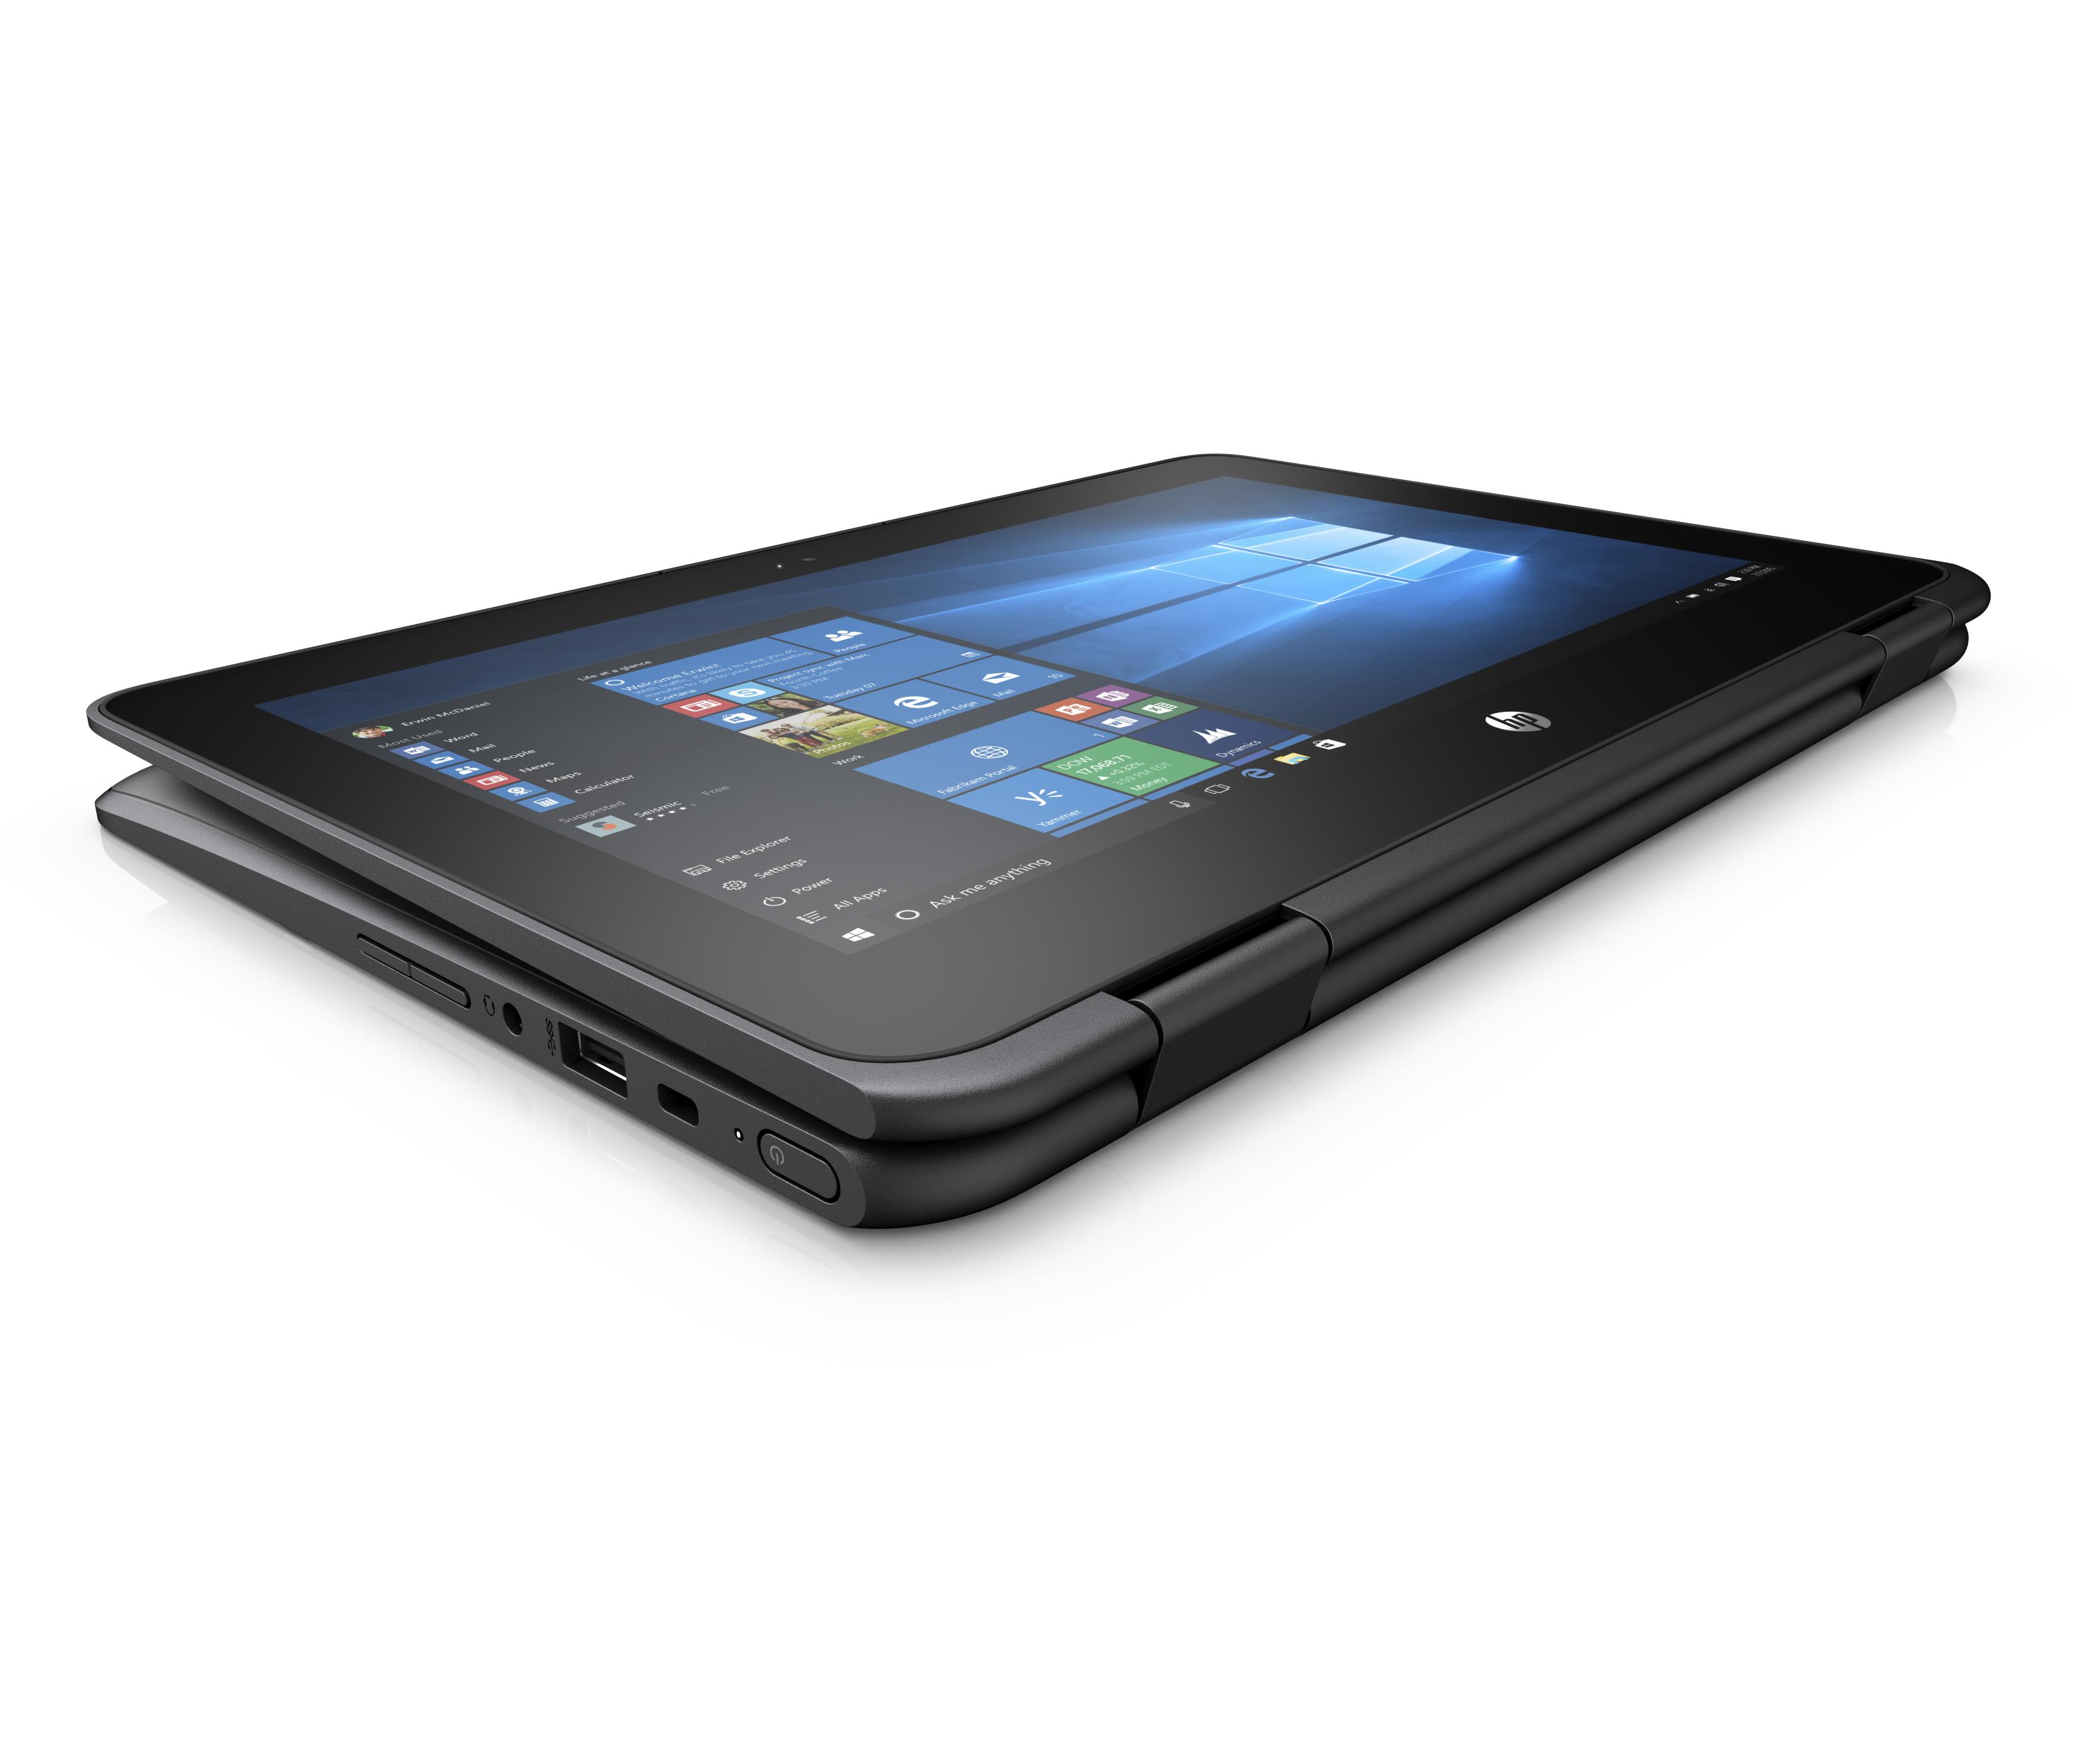 ProBook_x360_EE_Tablet